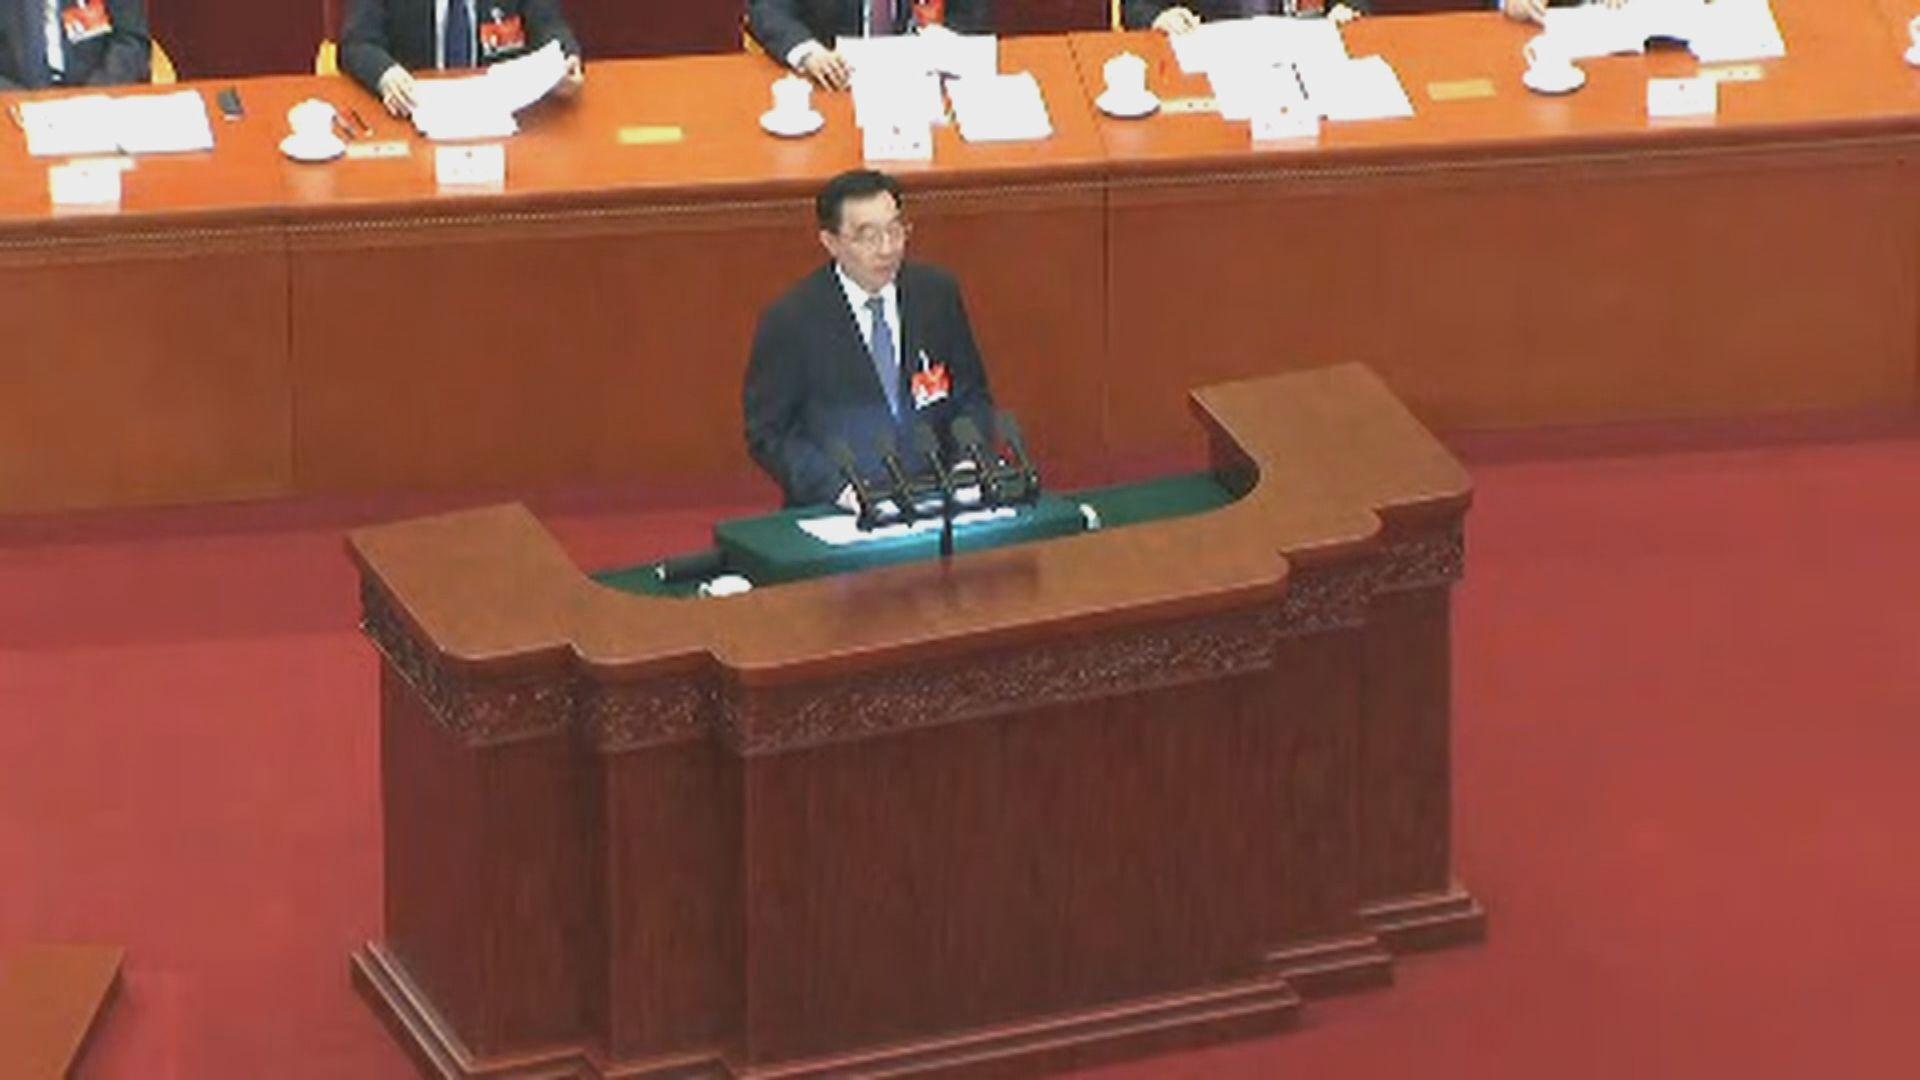 關於《全國人民代表大會關於完善香港特別行政區選舉制度的決定草案的說明》全文